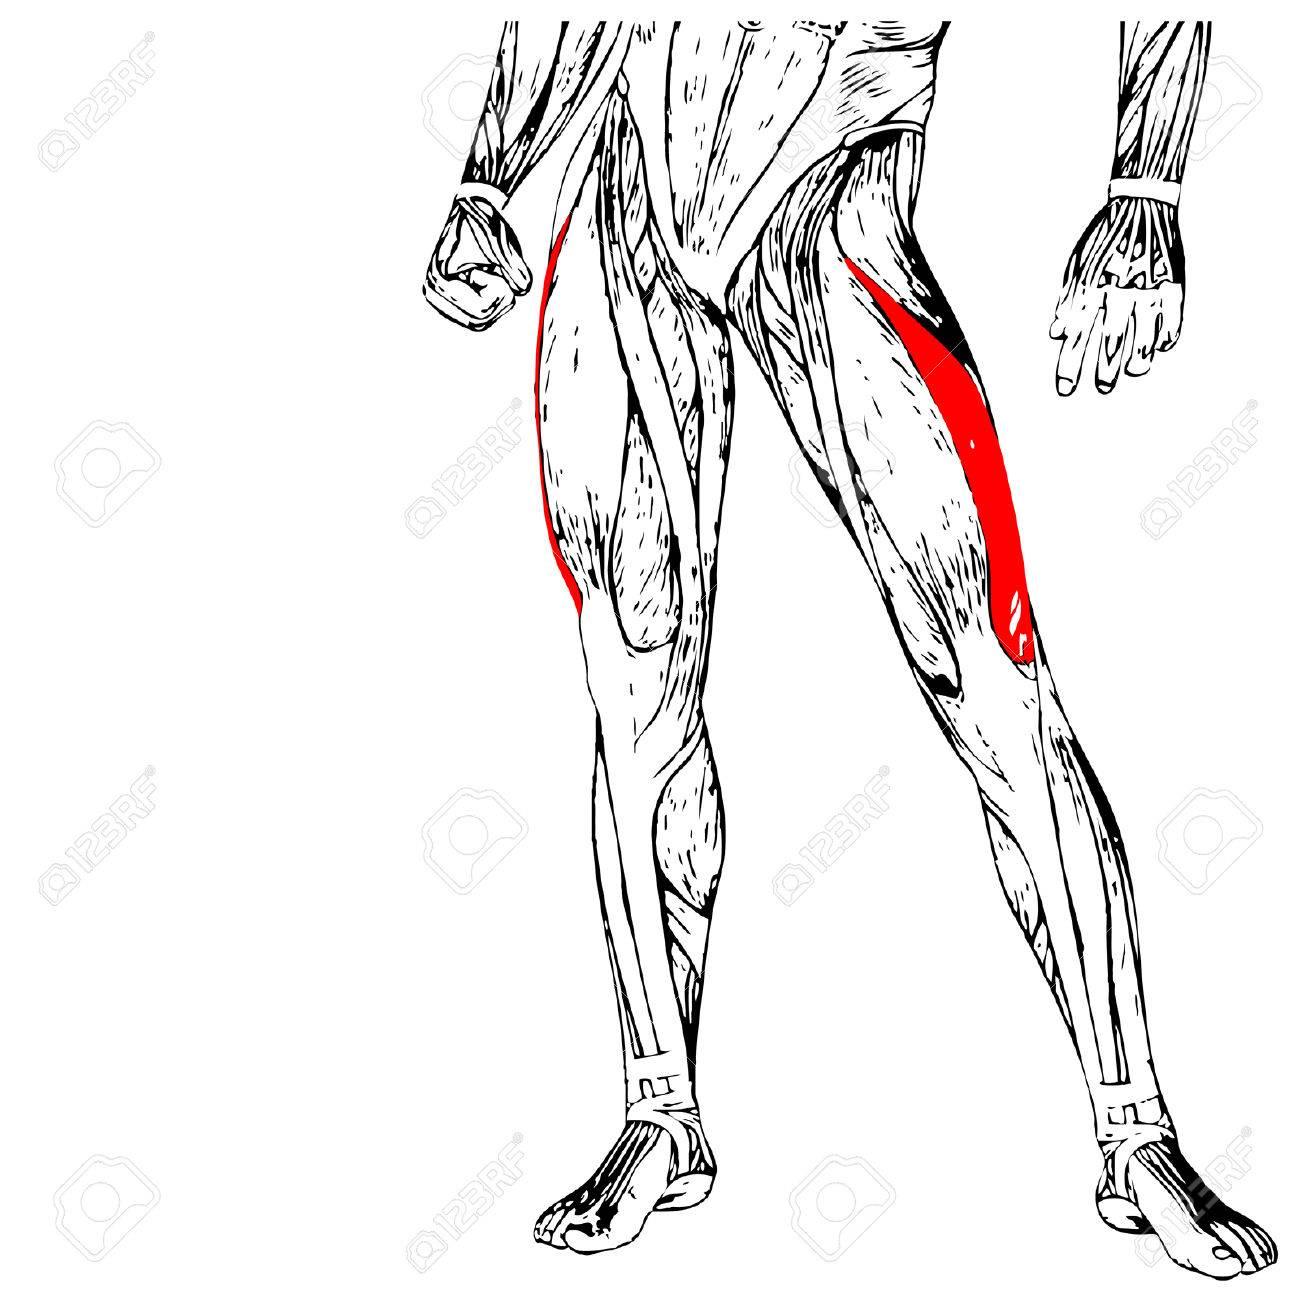 Concepto O Conceptual 3D Anatomía Humana Pierna Superior O Anatómica ...